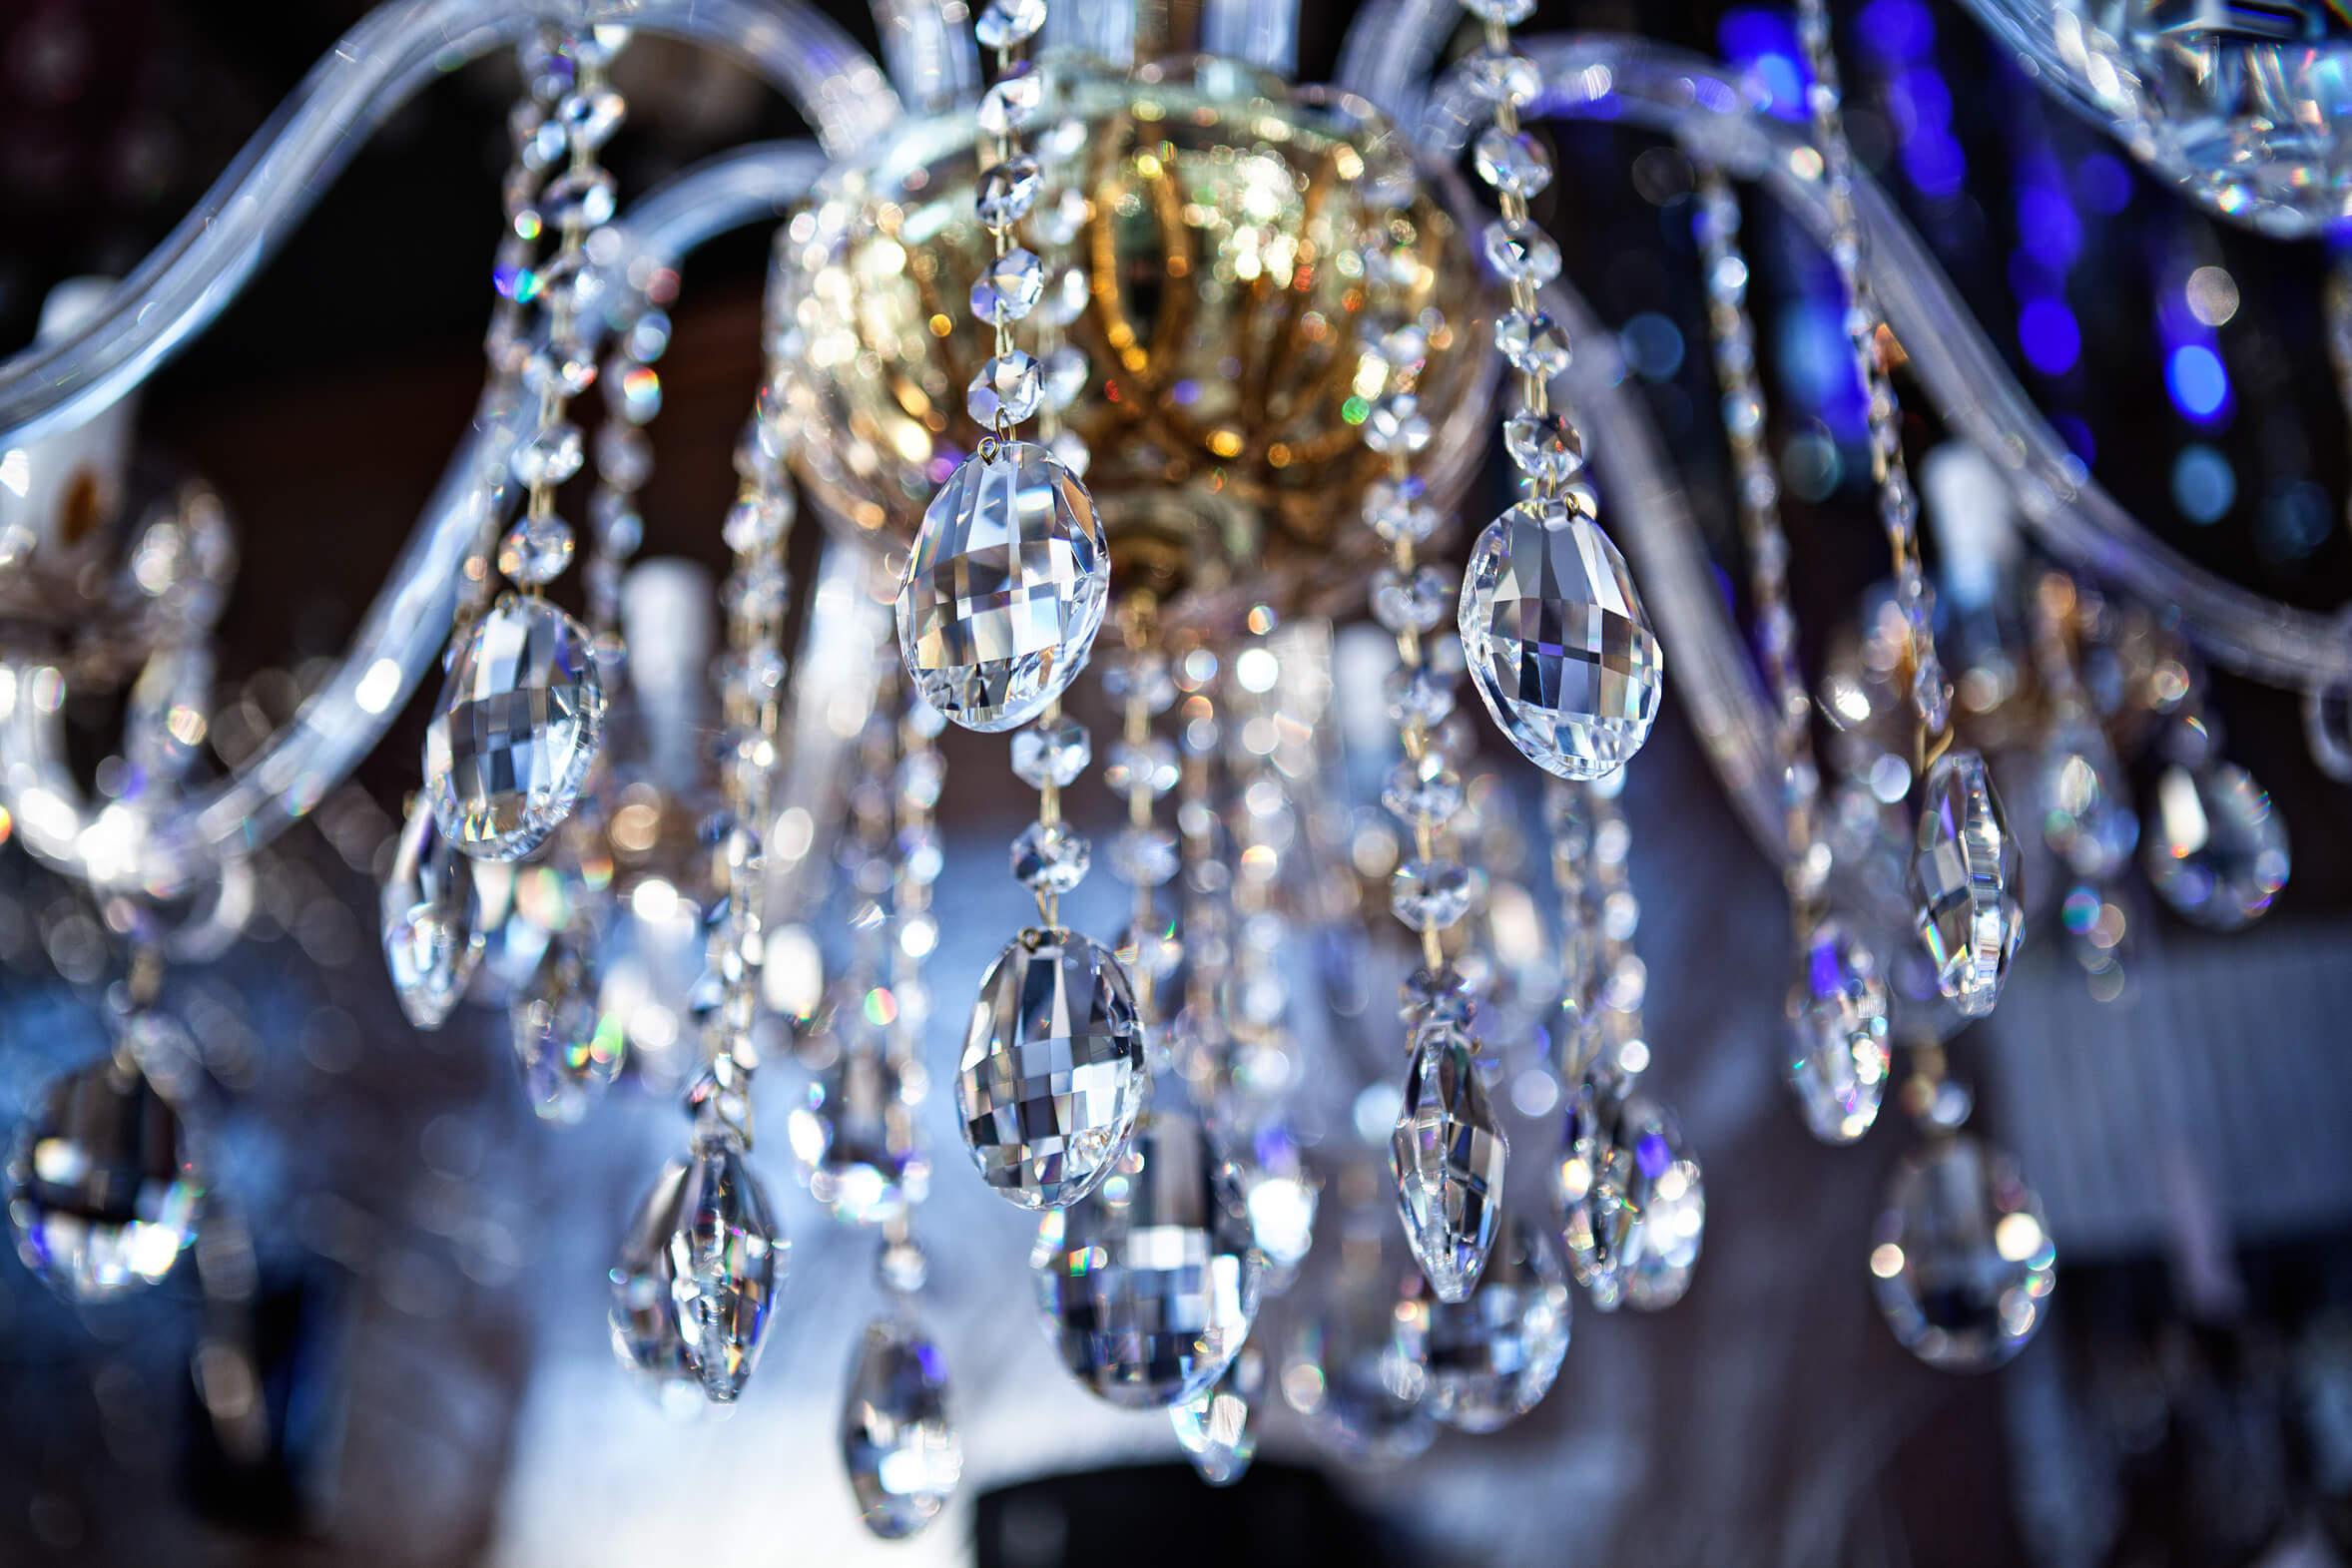 Kristall Kronleuchter Günstig Kaufen ~ Günstige kristalllüster mit swarovski kristallen direkt vom